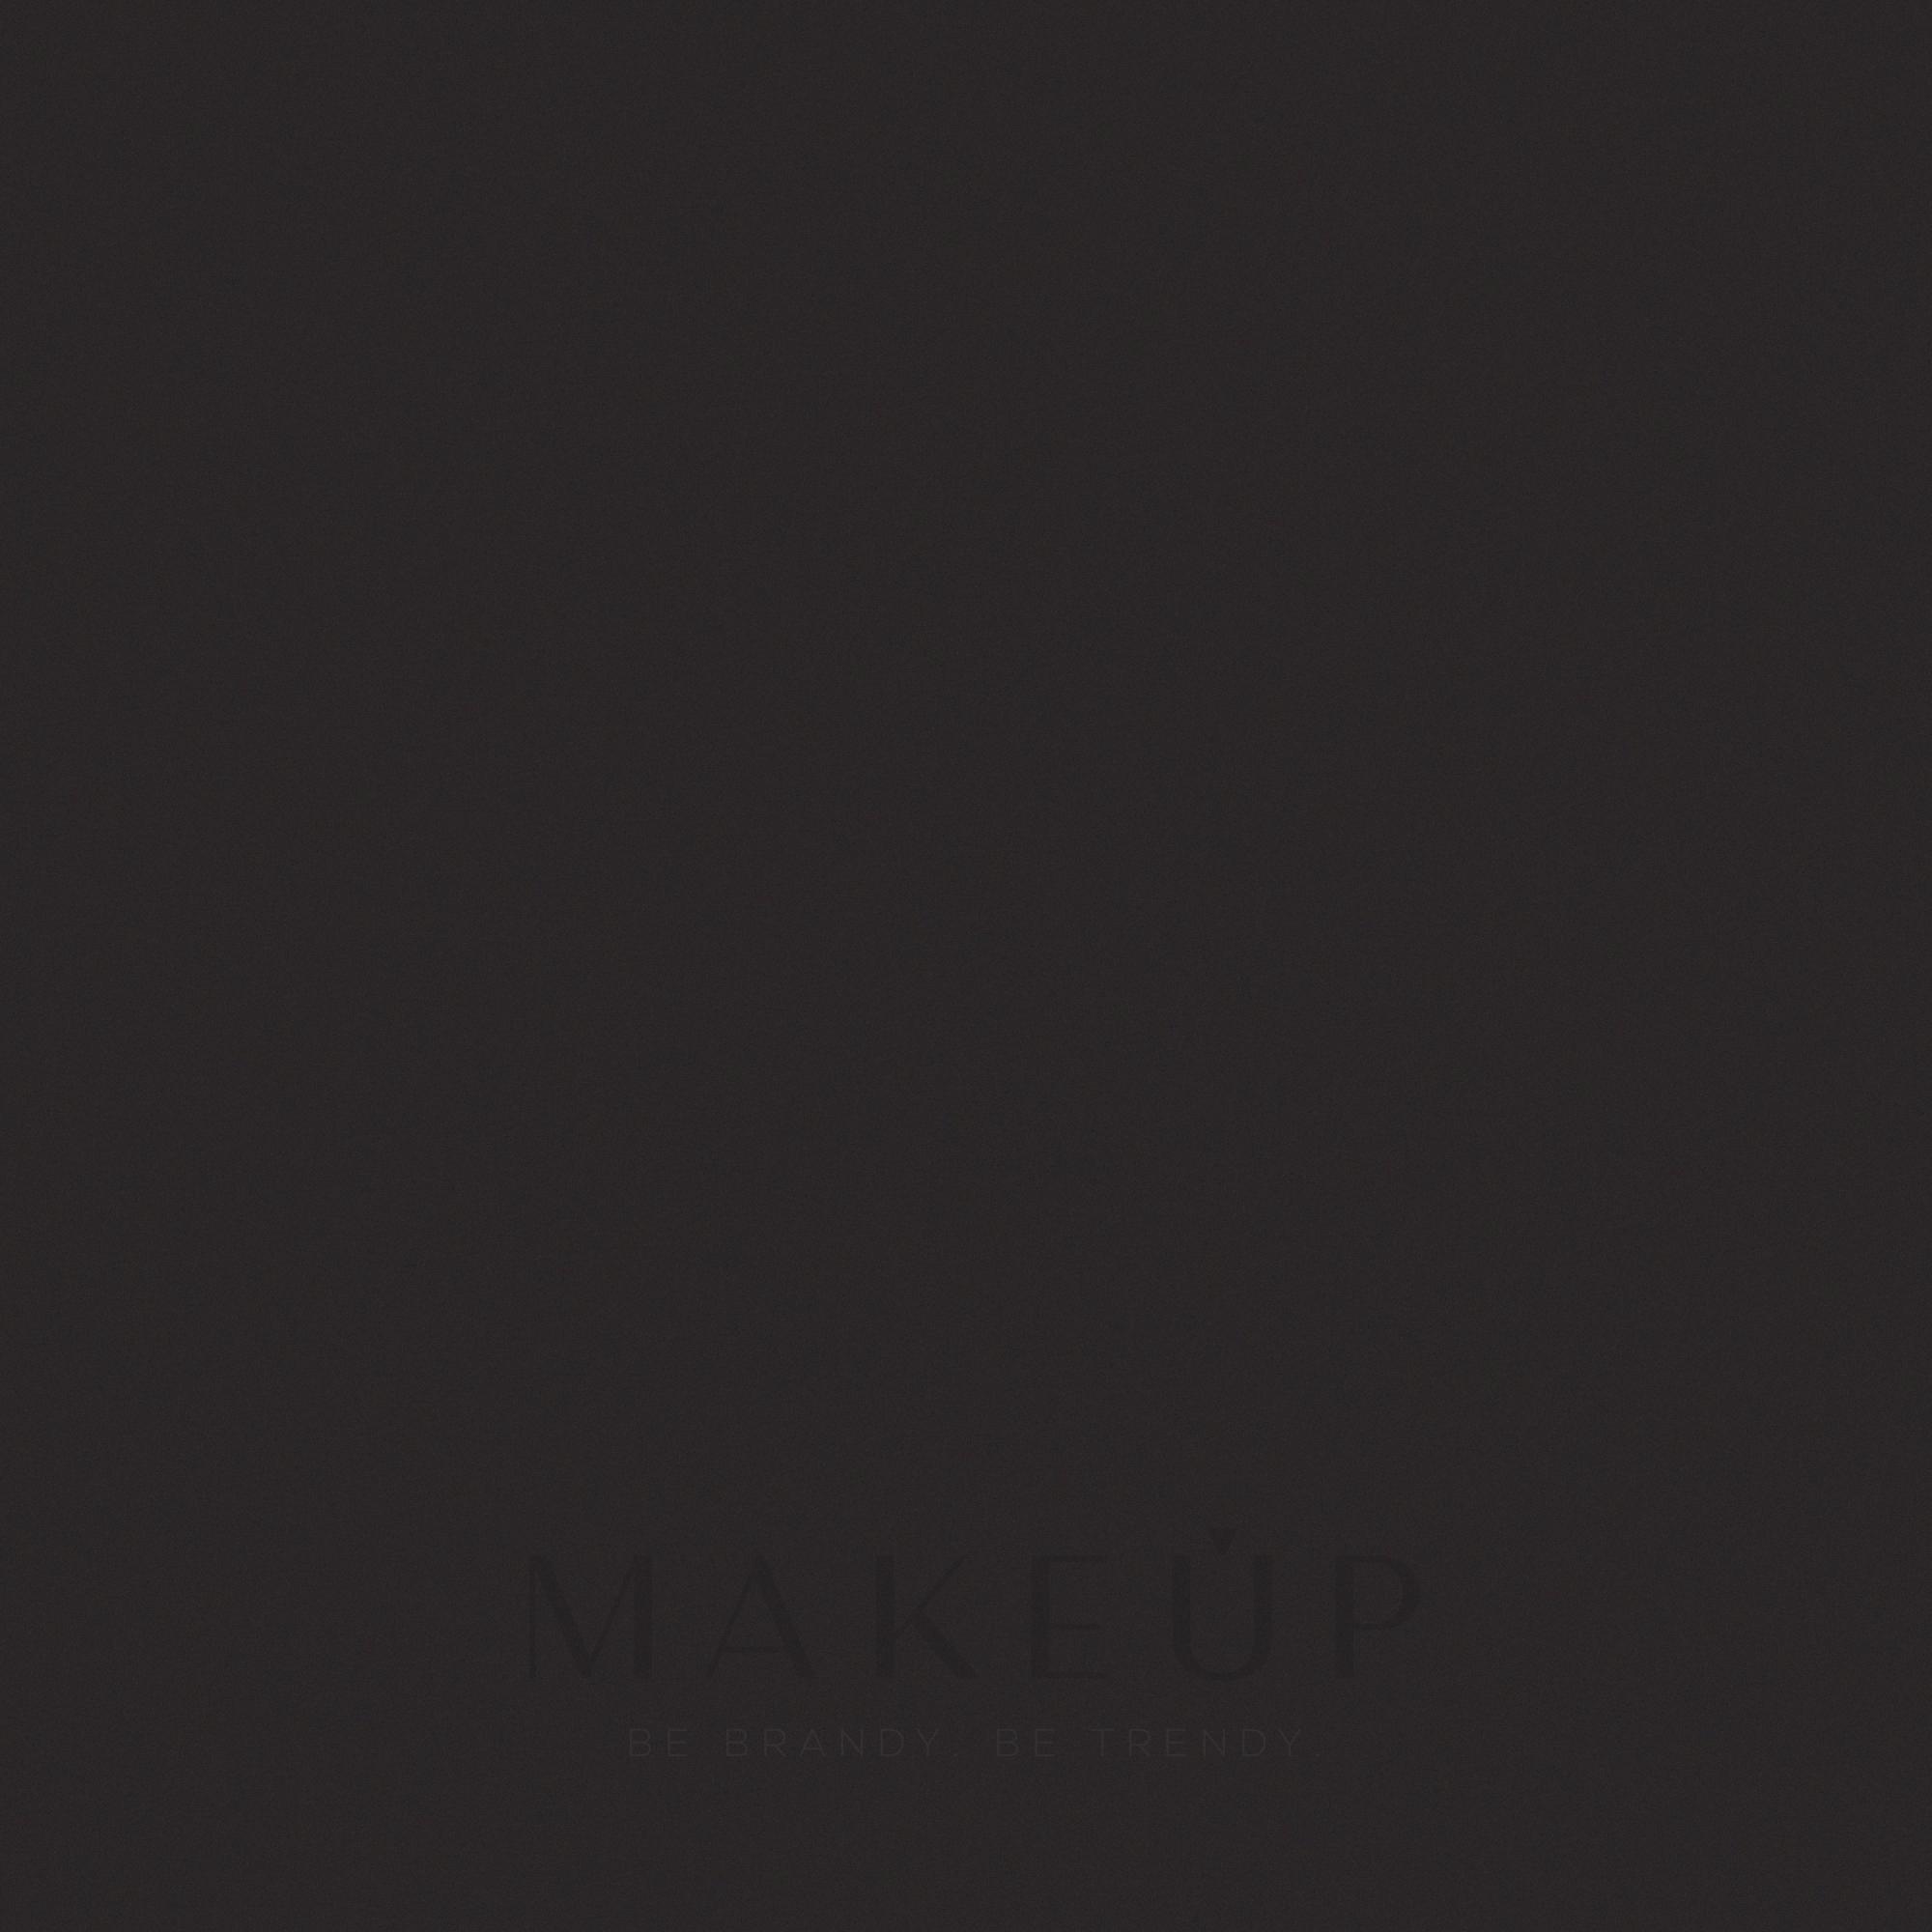 Augenkonturenstift - Vipera Ikebana — Bild 252 - Heban